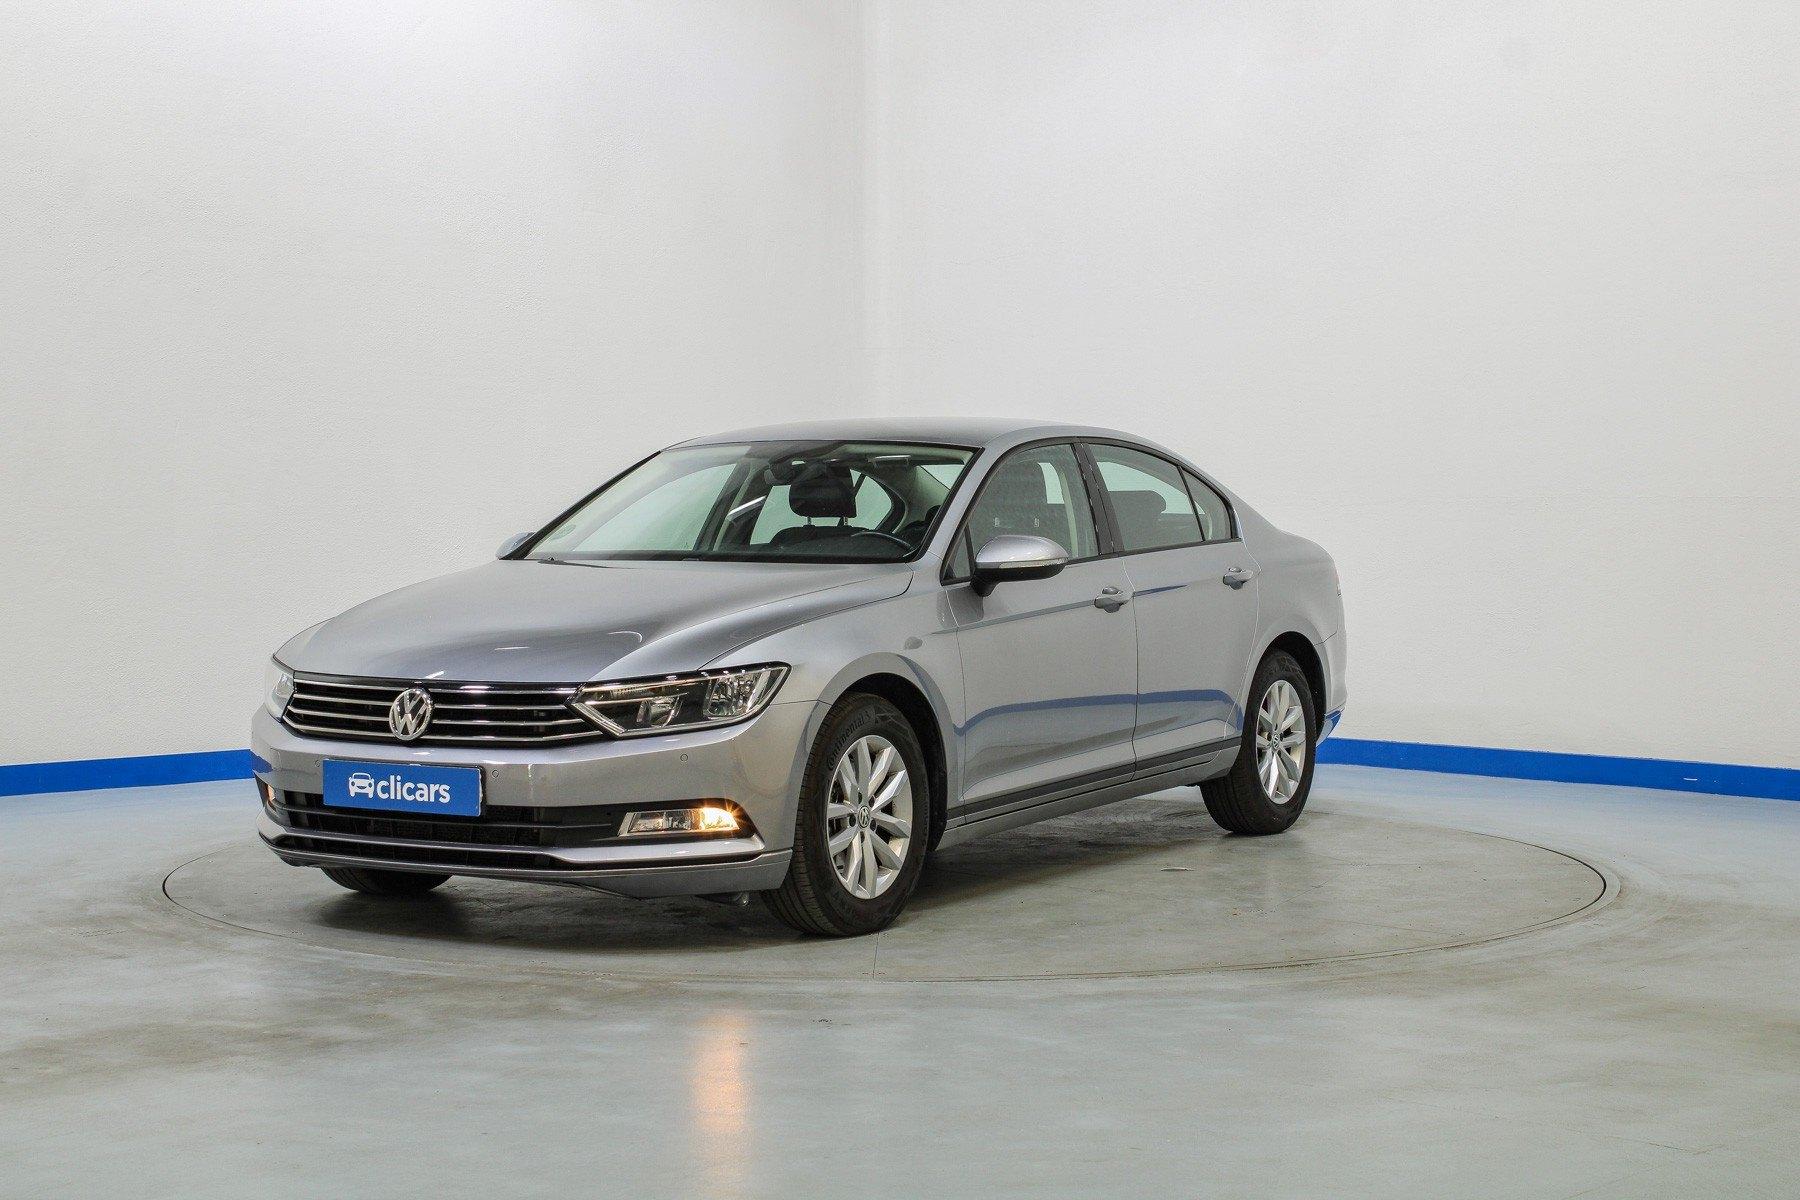 Volkswagen Passat Diésel Edition 2.0 TDI 110kW (150CV) 1